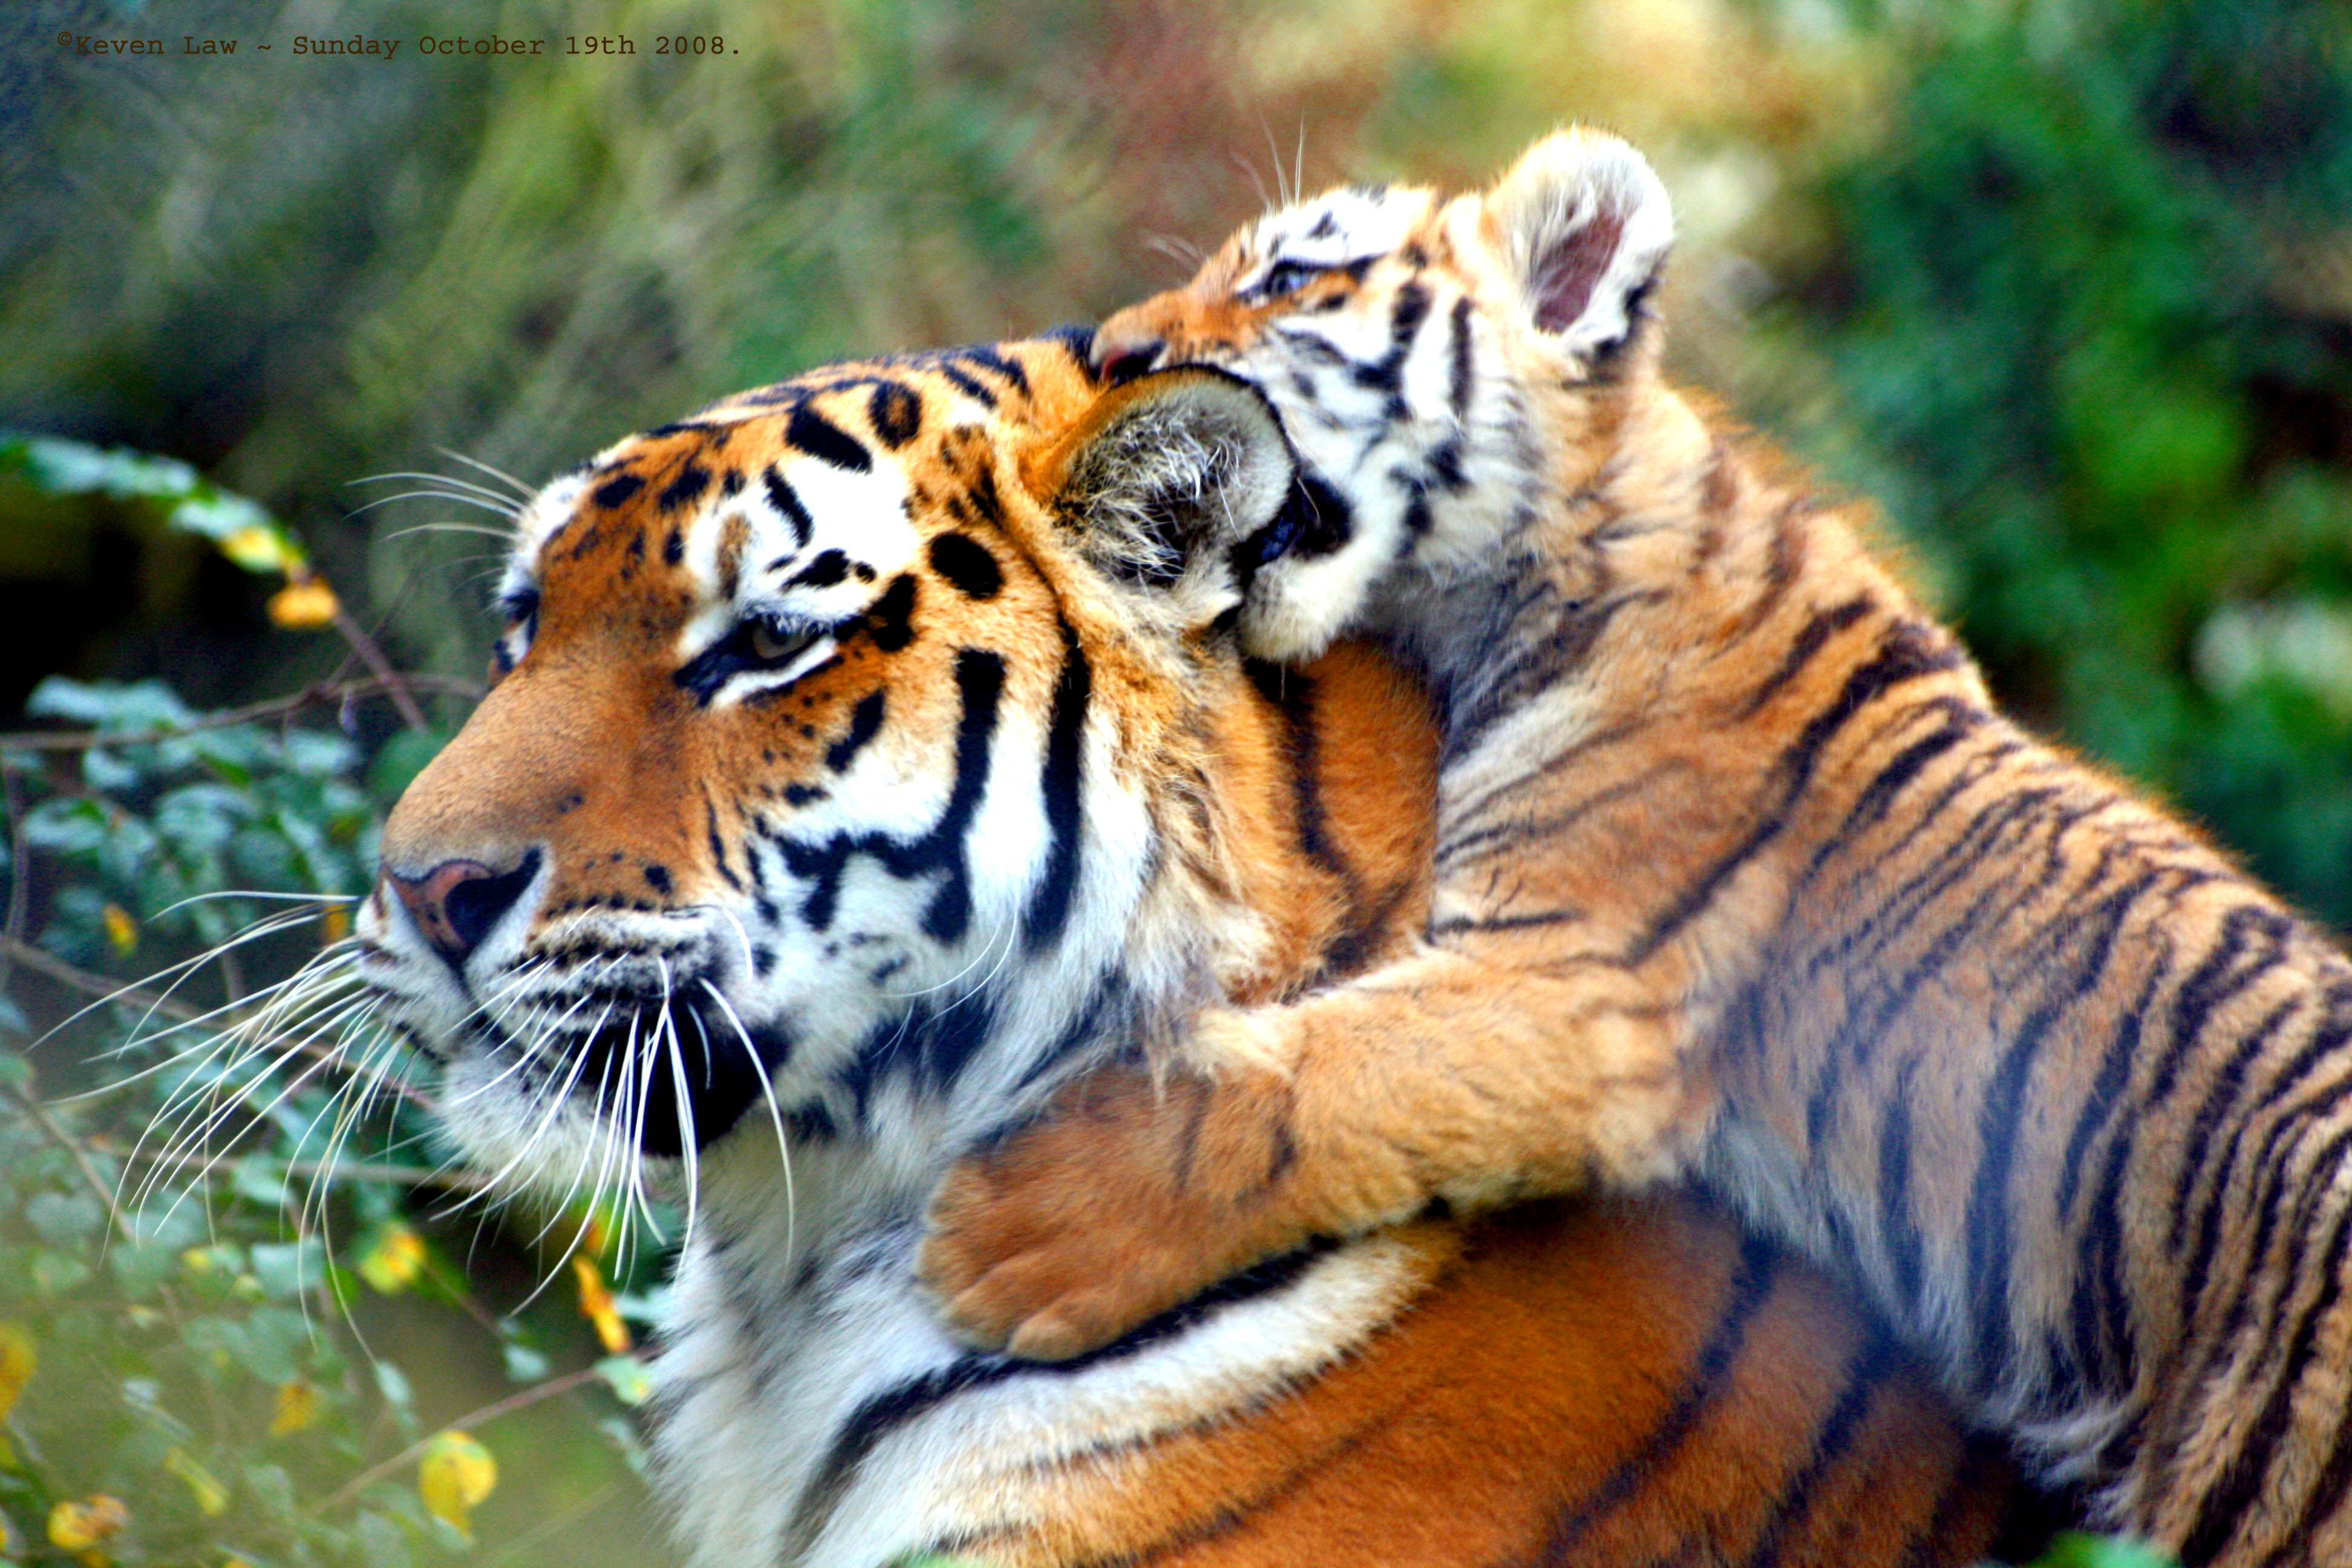 Tiger, Tiger Burning Bright… - Follow Green Living